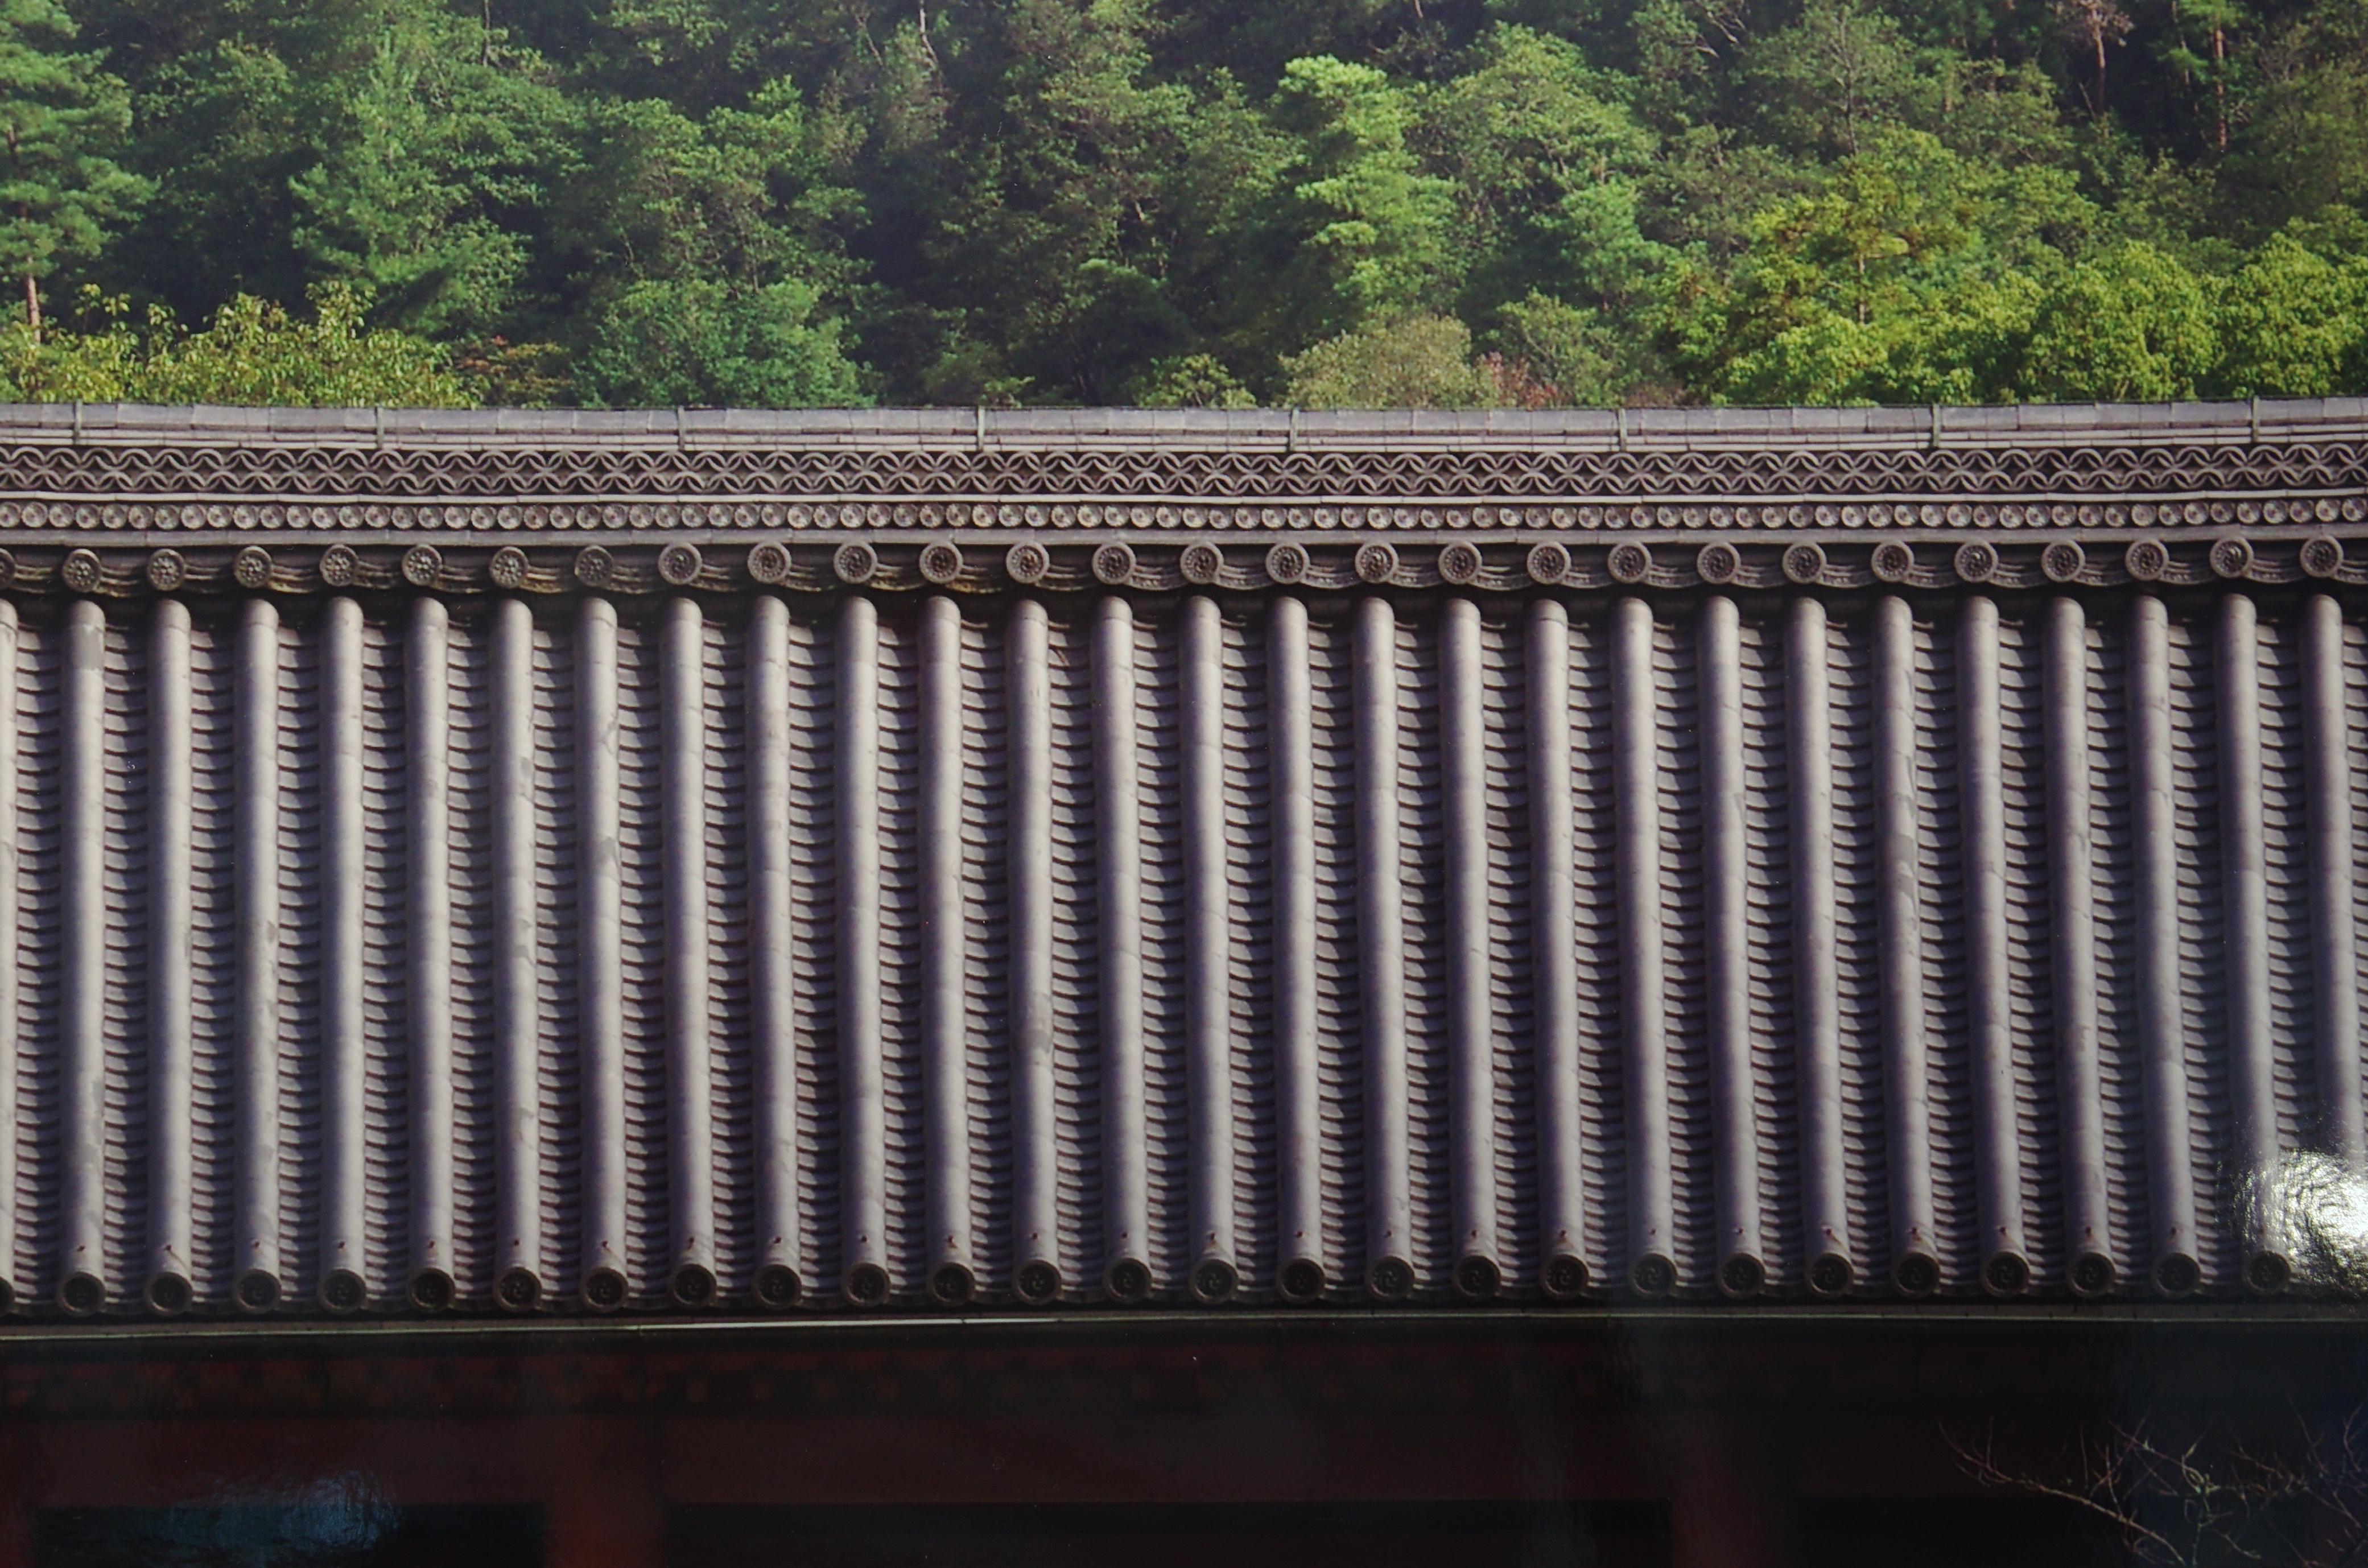 http://www.yaotomi.co.jp/blog/walk/K-5IIs_%E3%83%AD%E3%83%BC%E3%83%91%E3%82%B9%E3%81%AA%E3%81%97_yaotomi.jpg